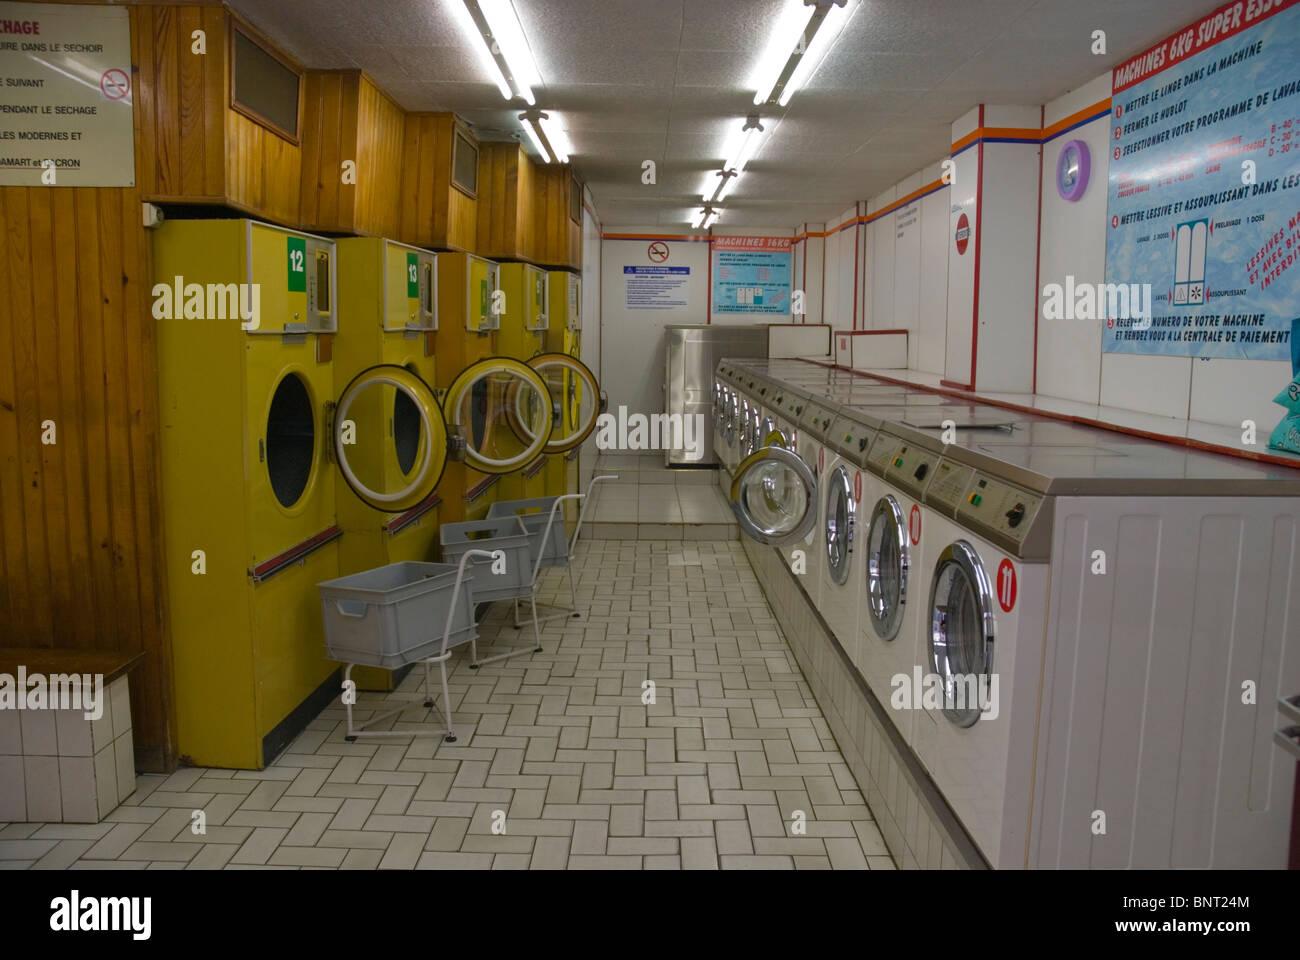 Self-service laundrette in Le Marais district central Paris France Europe - Stock Image